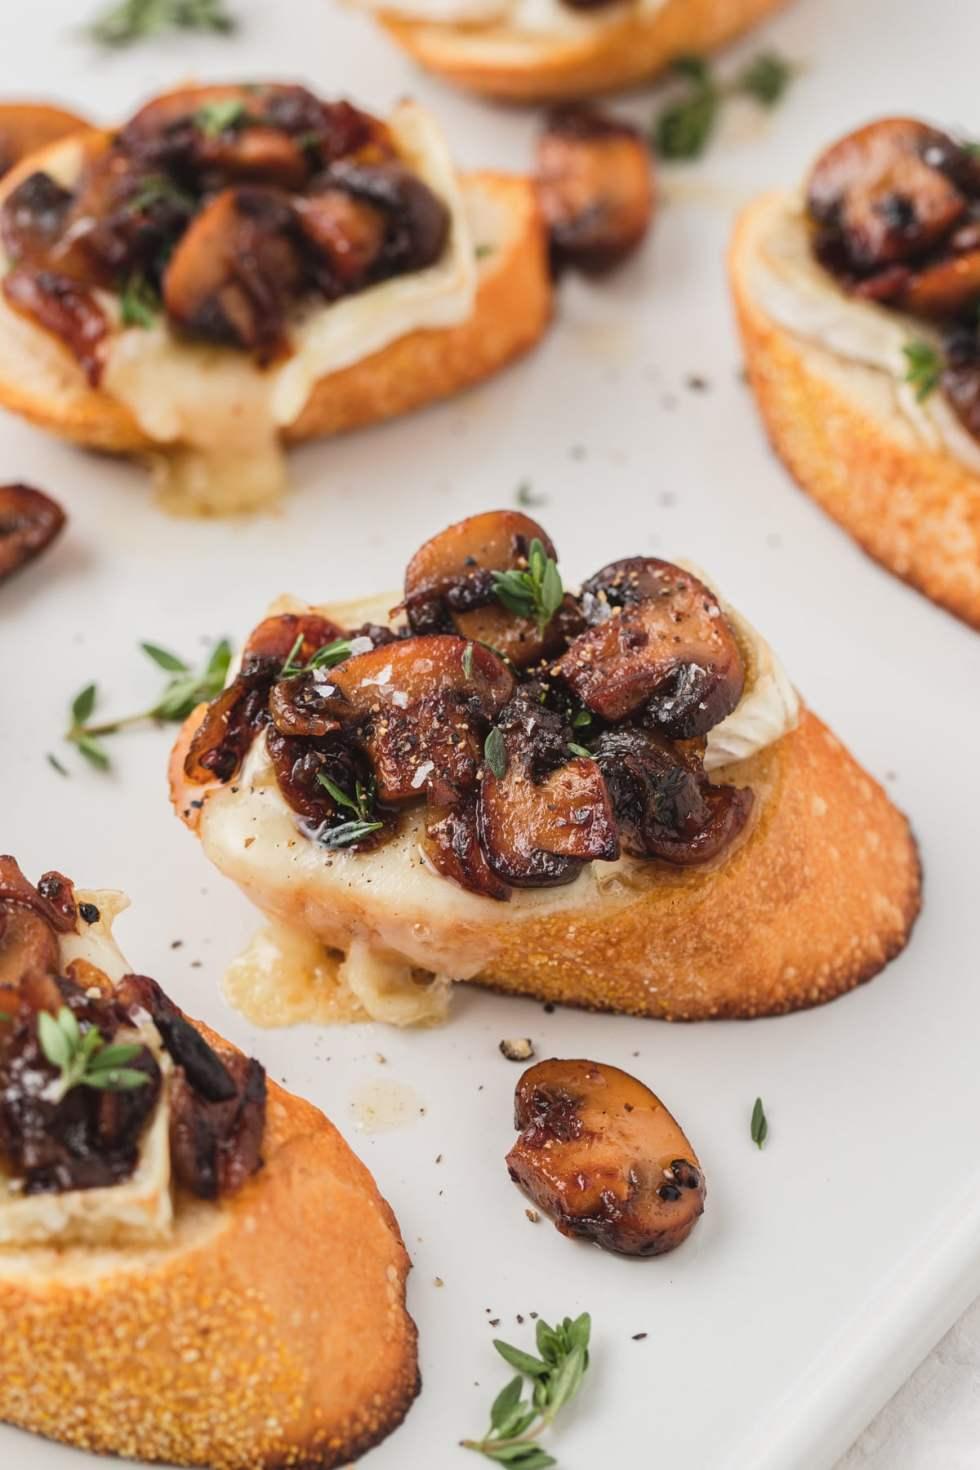 brie crostini with roasted mushrooms